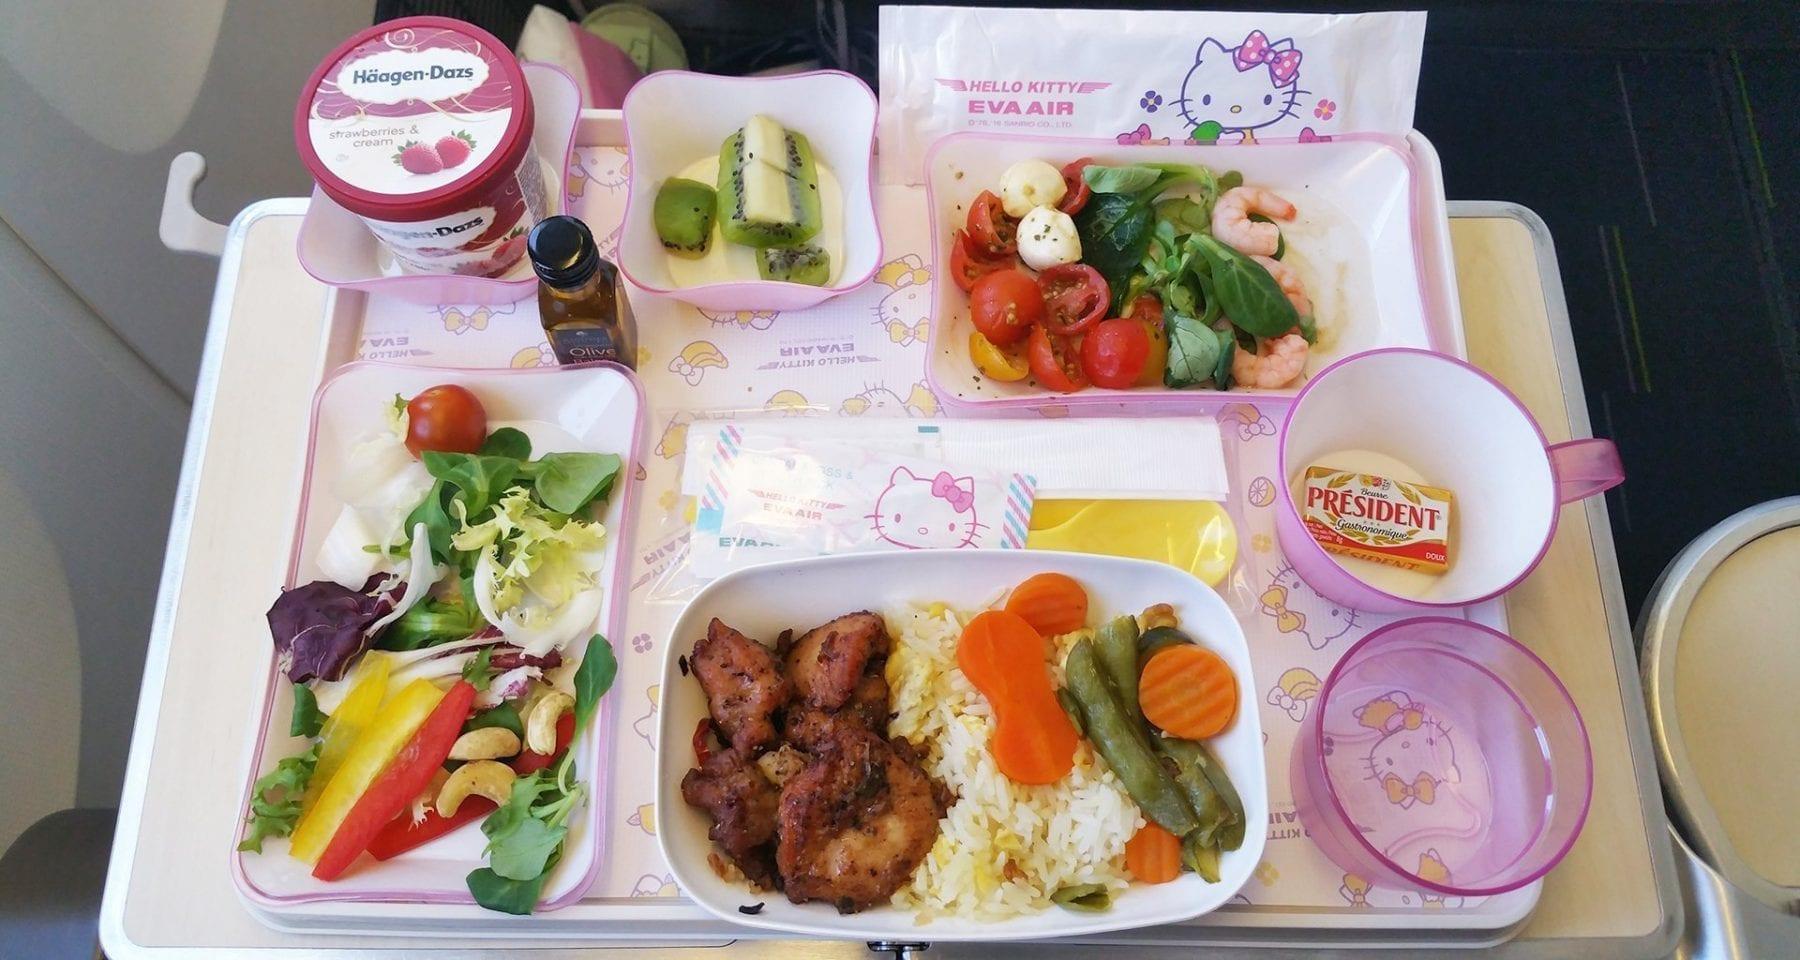 eva air premium economy class meal